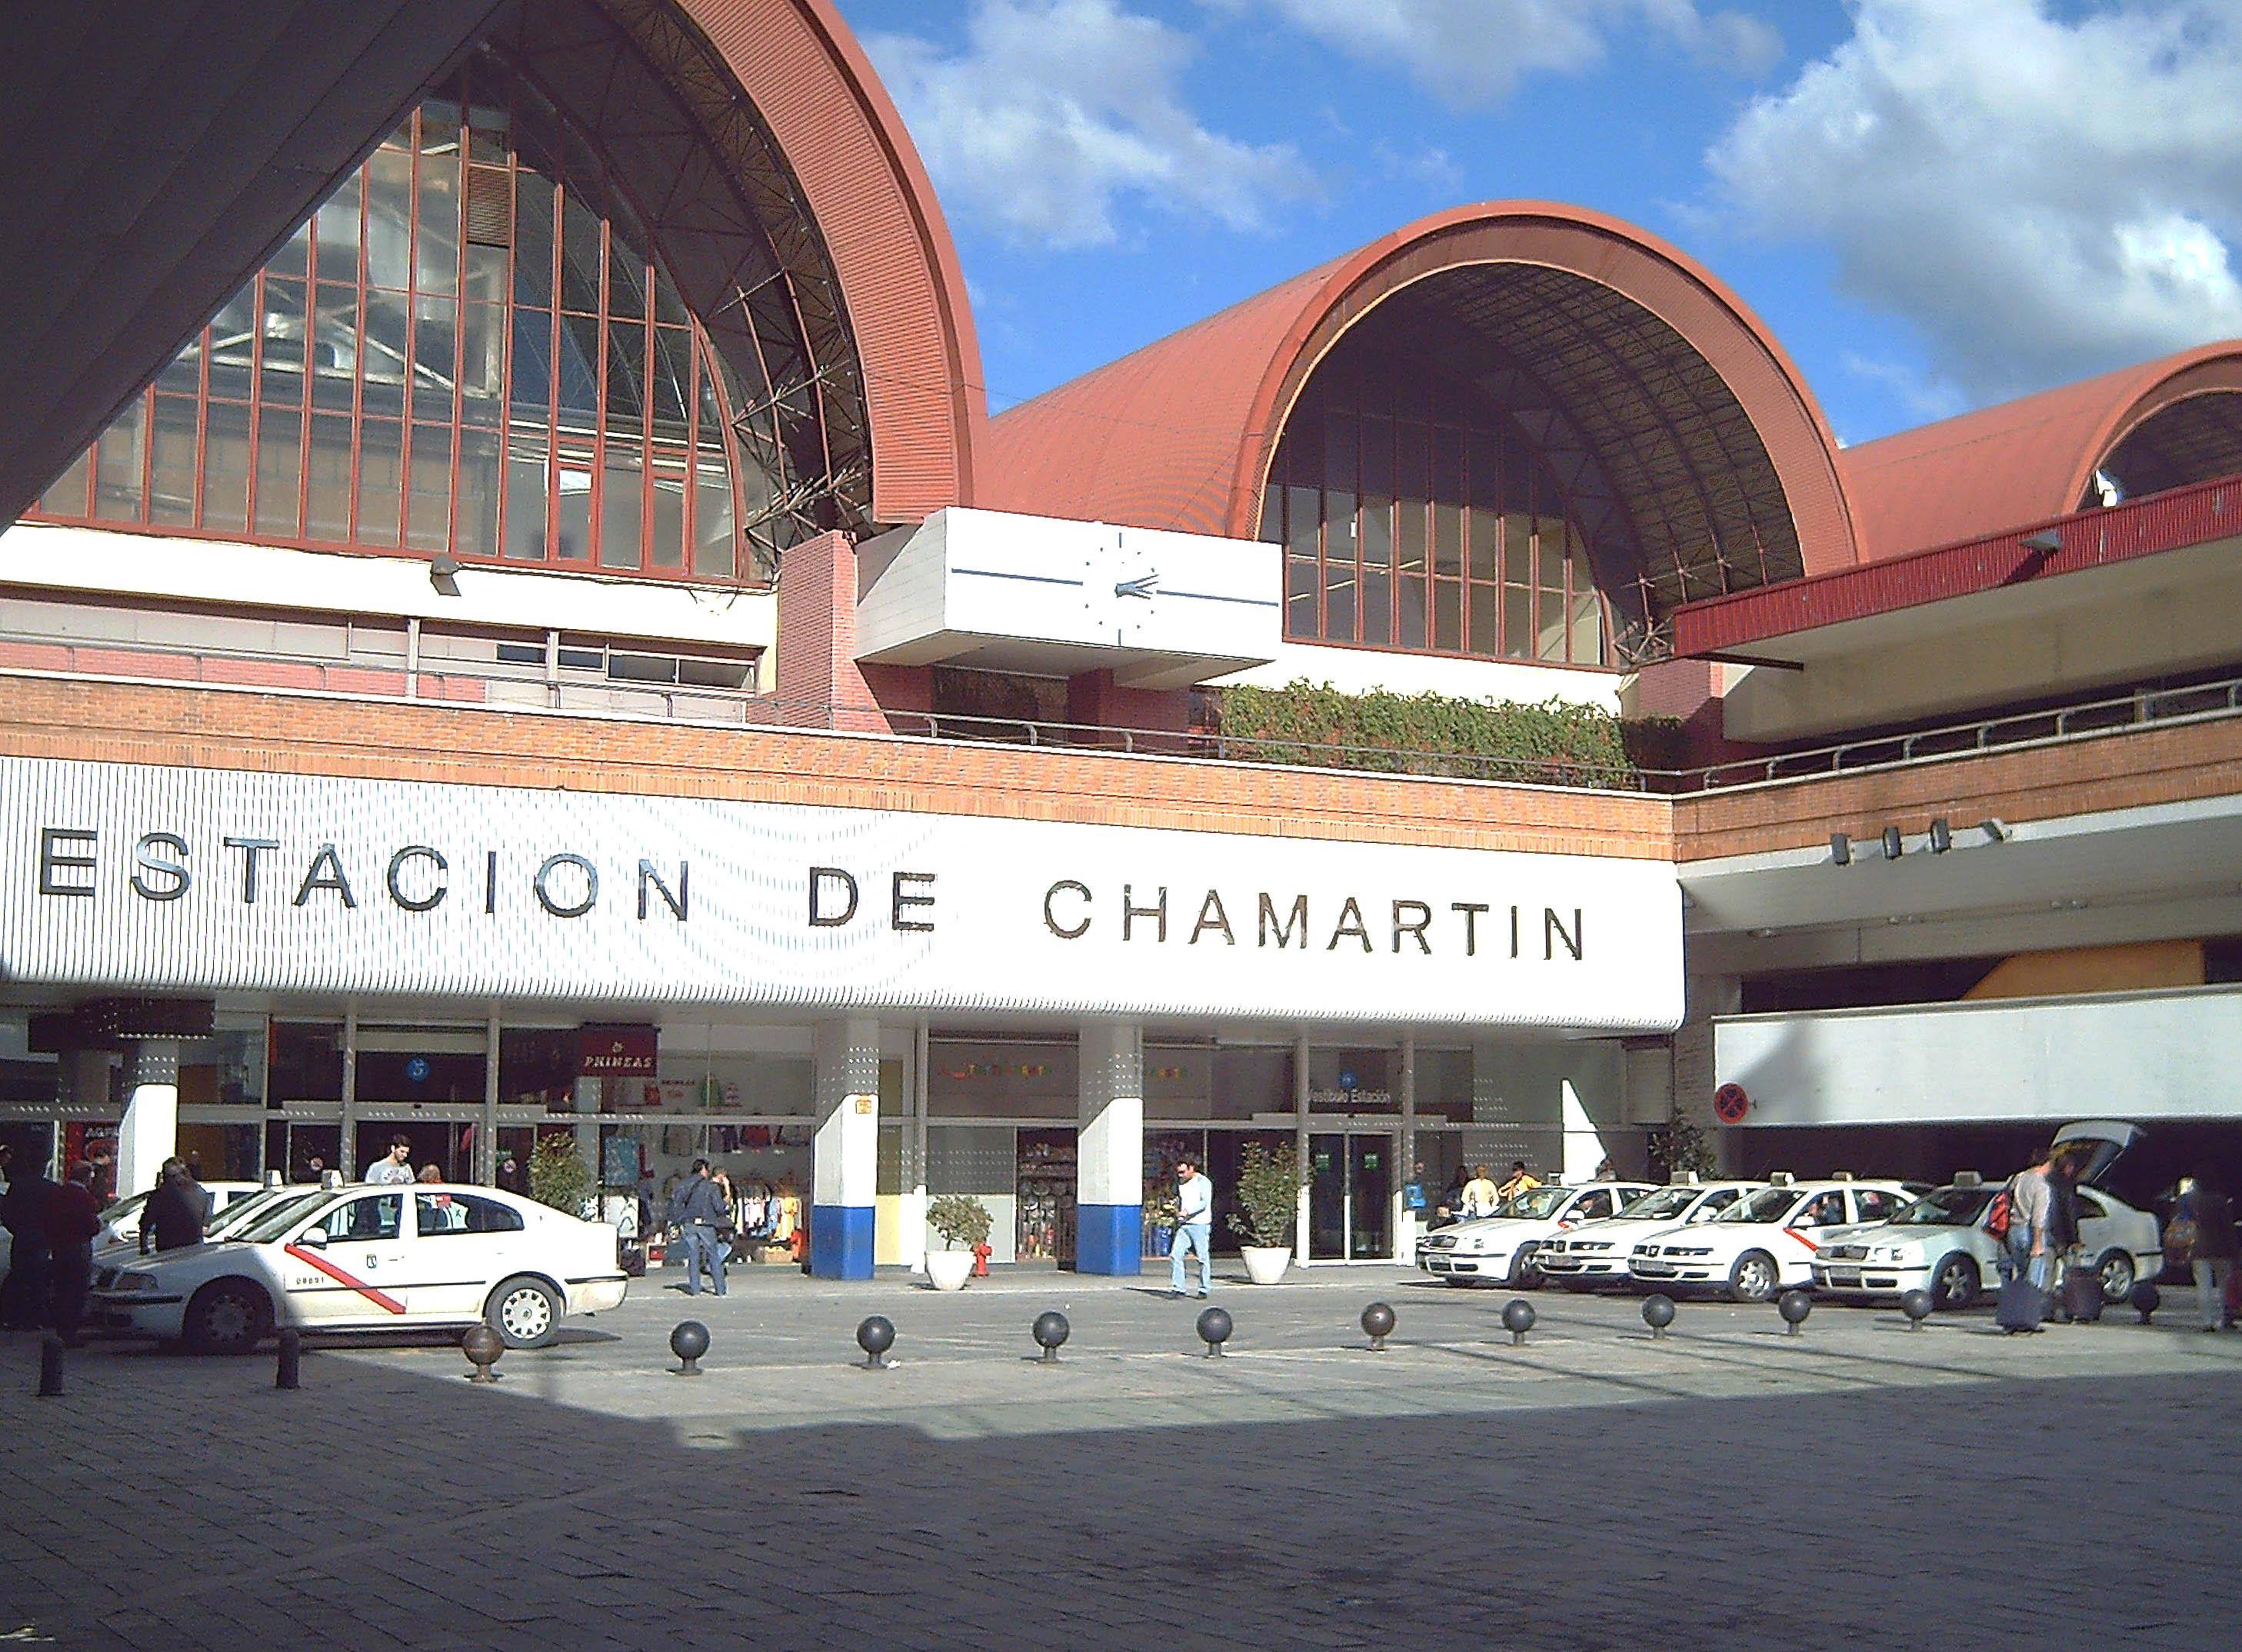 Estación de Chamartín - Madrid